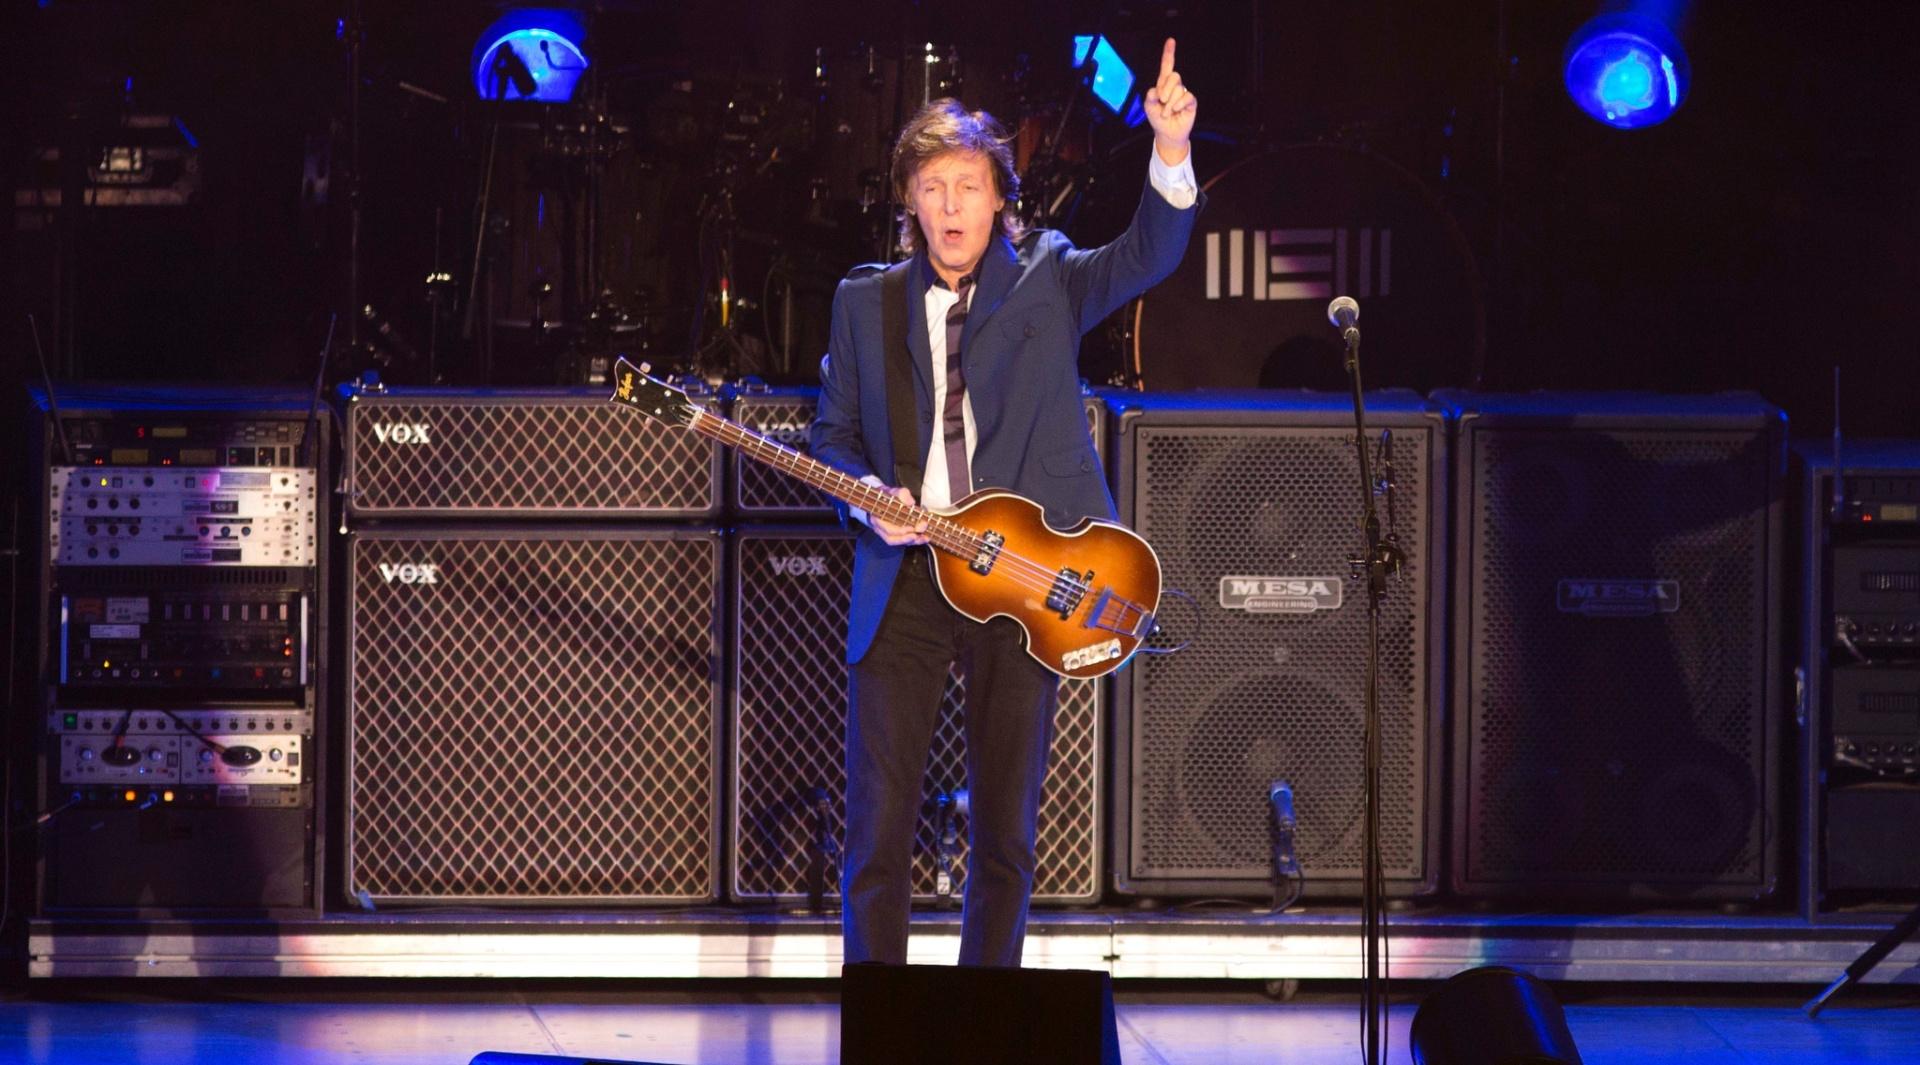 12.nov.2014 - Paul McCartney se apresenta no HSBC Arena, no Rio de Janeiro, e toca canções de seu álbum solo mais recente,